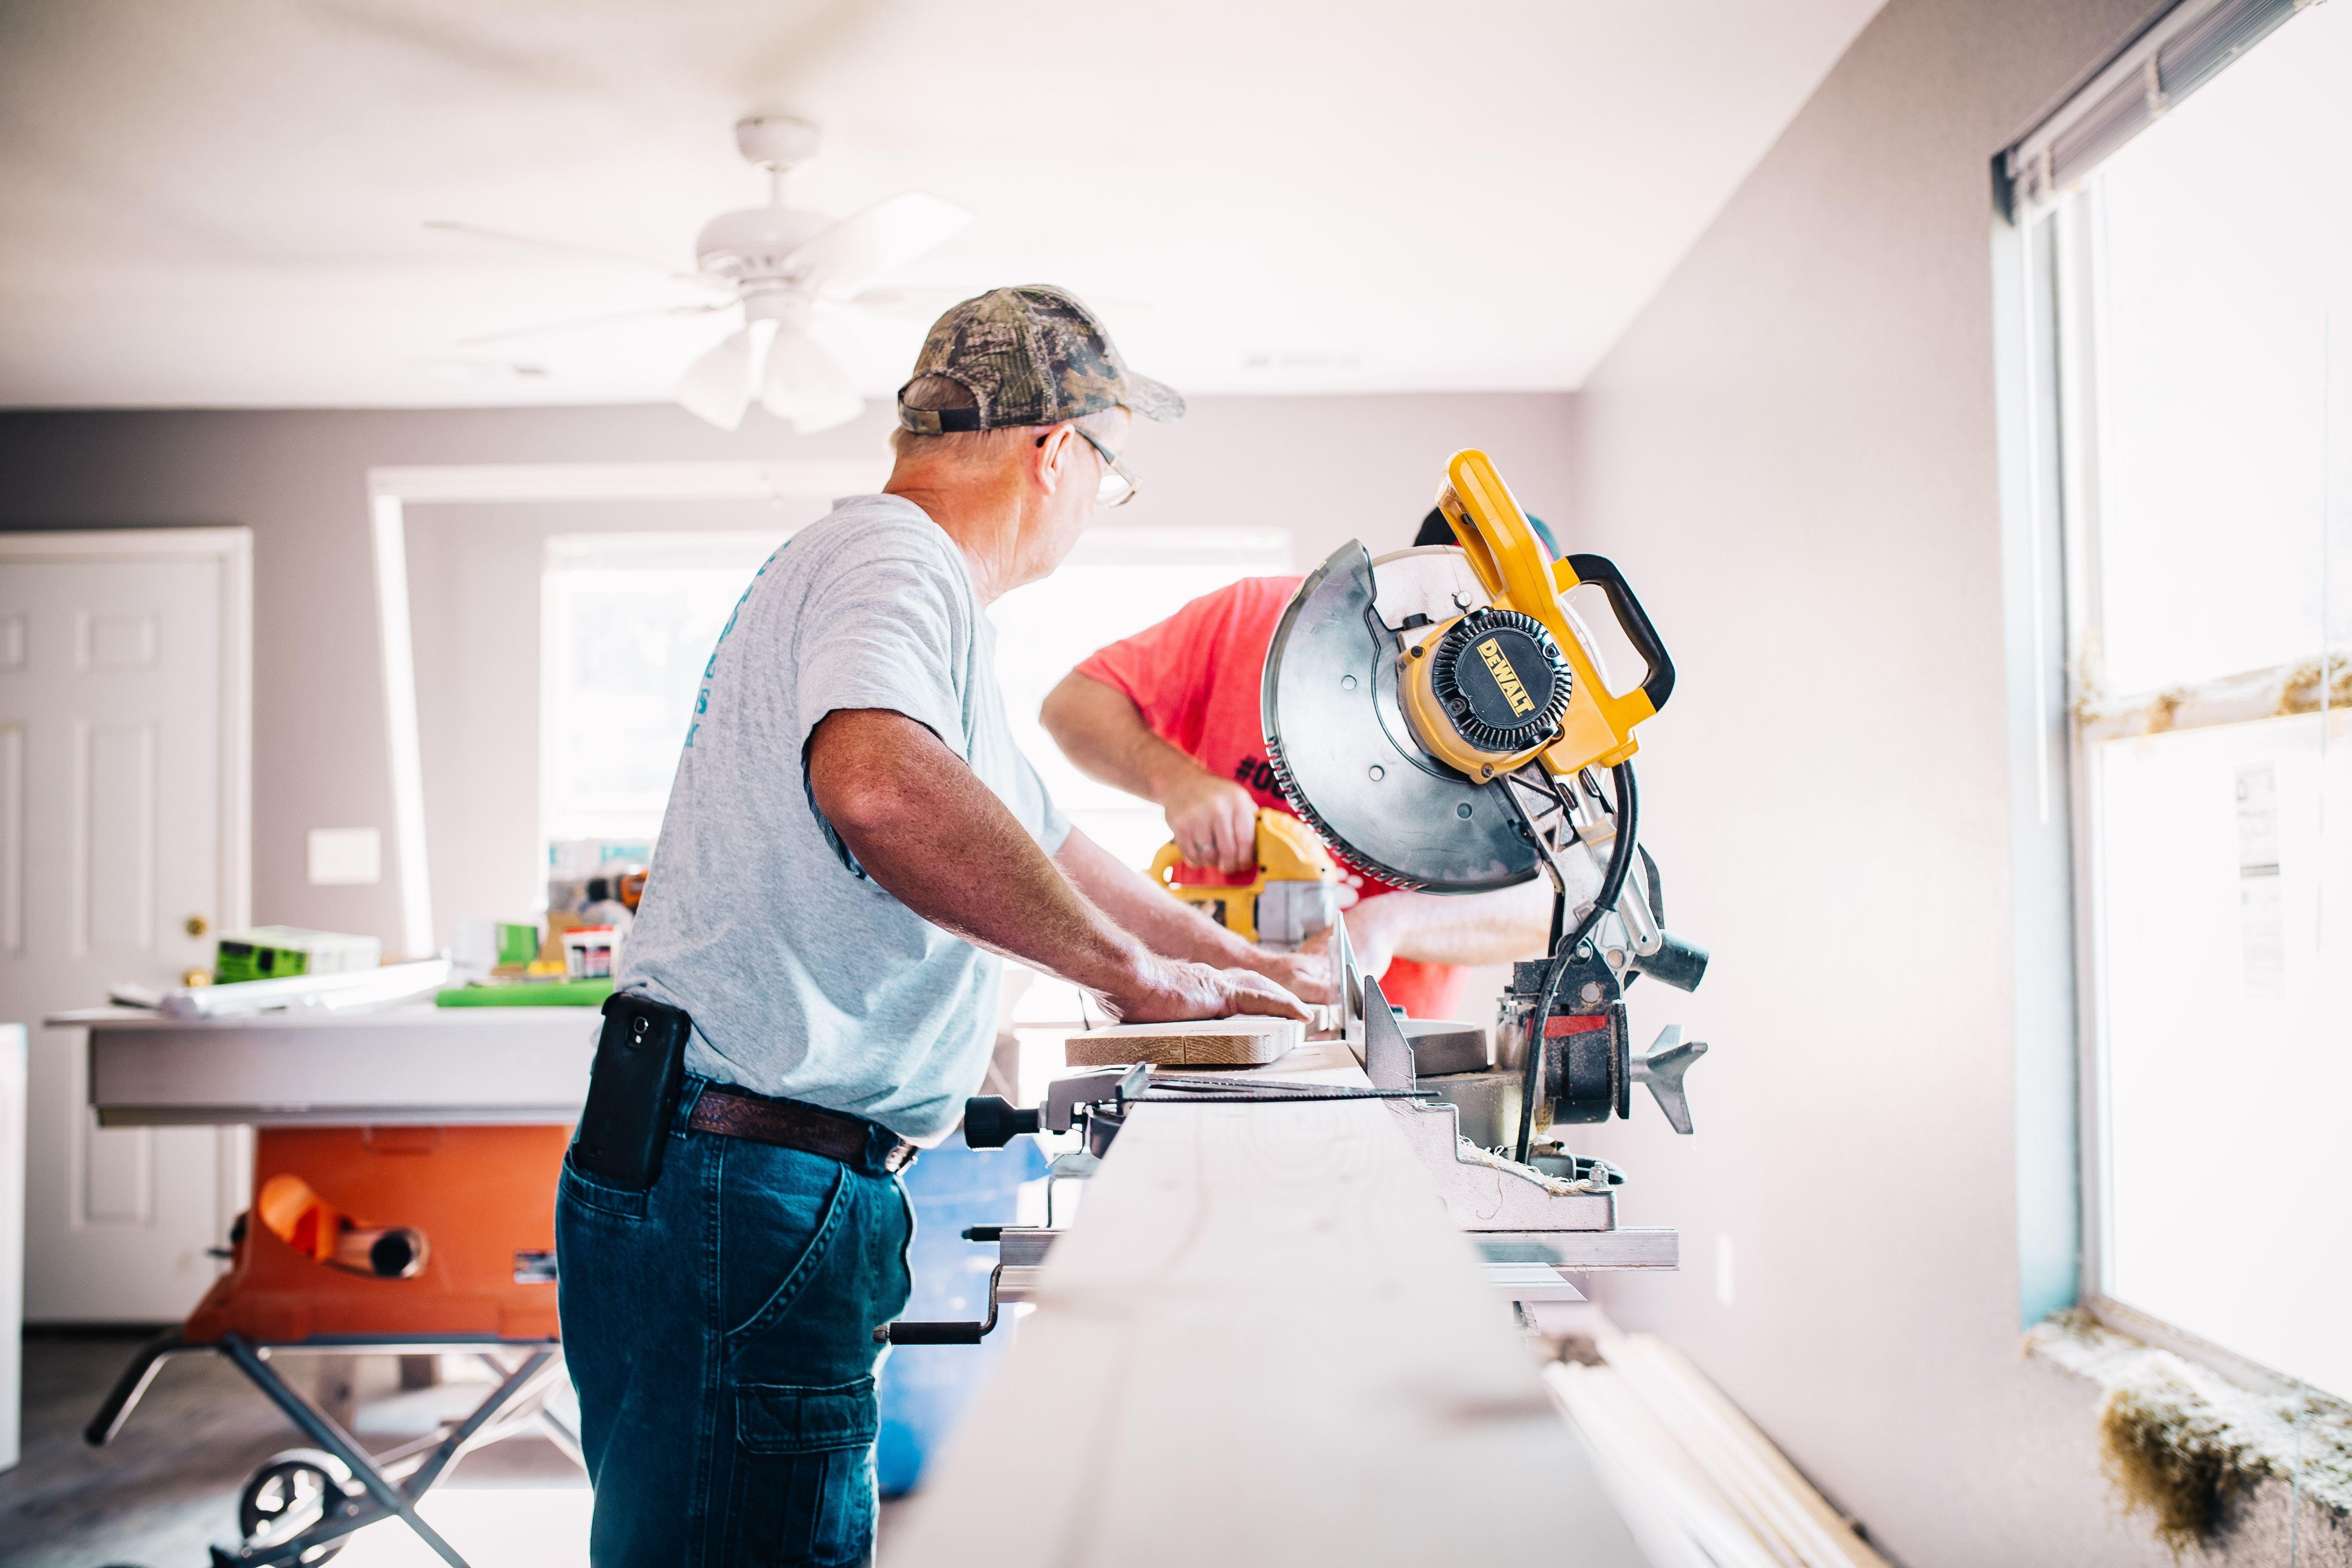 Bilde illustrasjon byggearbeider mann sager